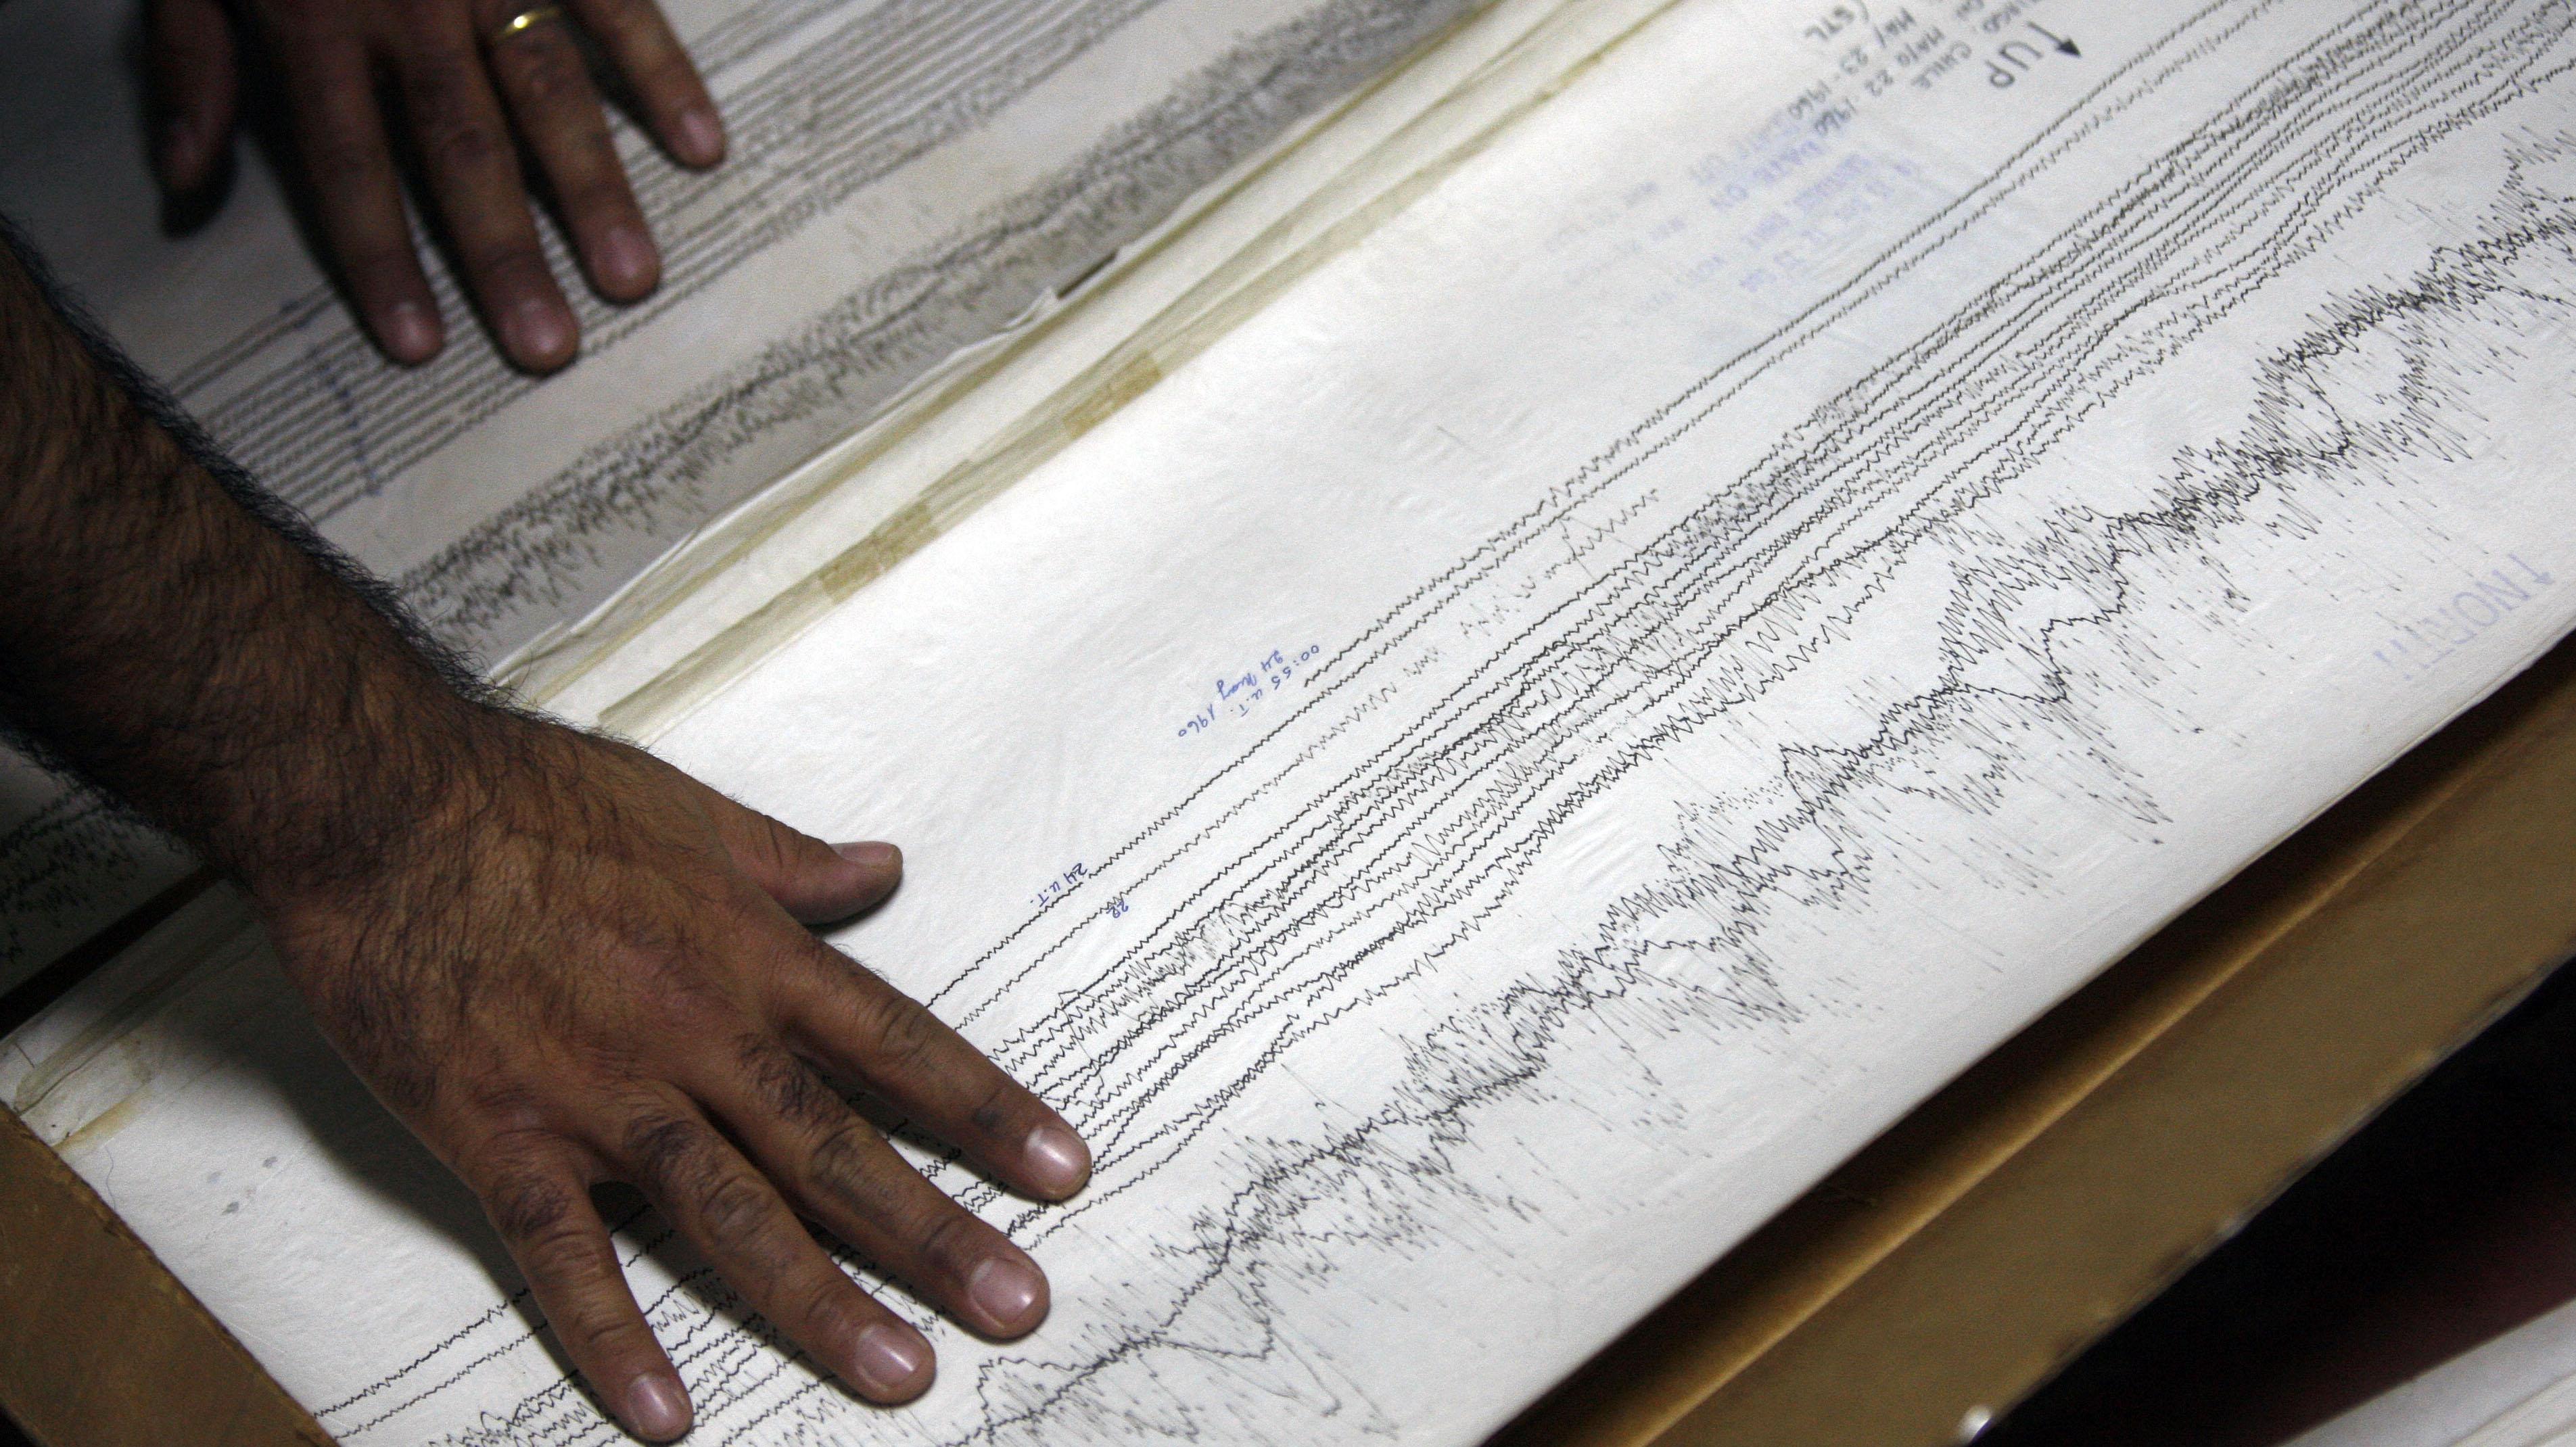 Centro Sismológico Nacional informó que en 2018 se percibieron 848 sismos menos que en 2010